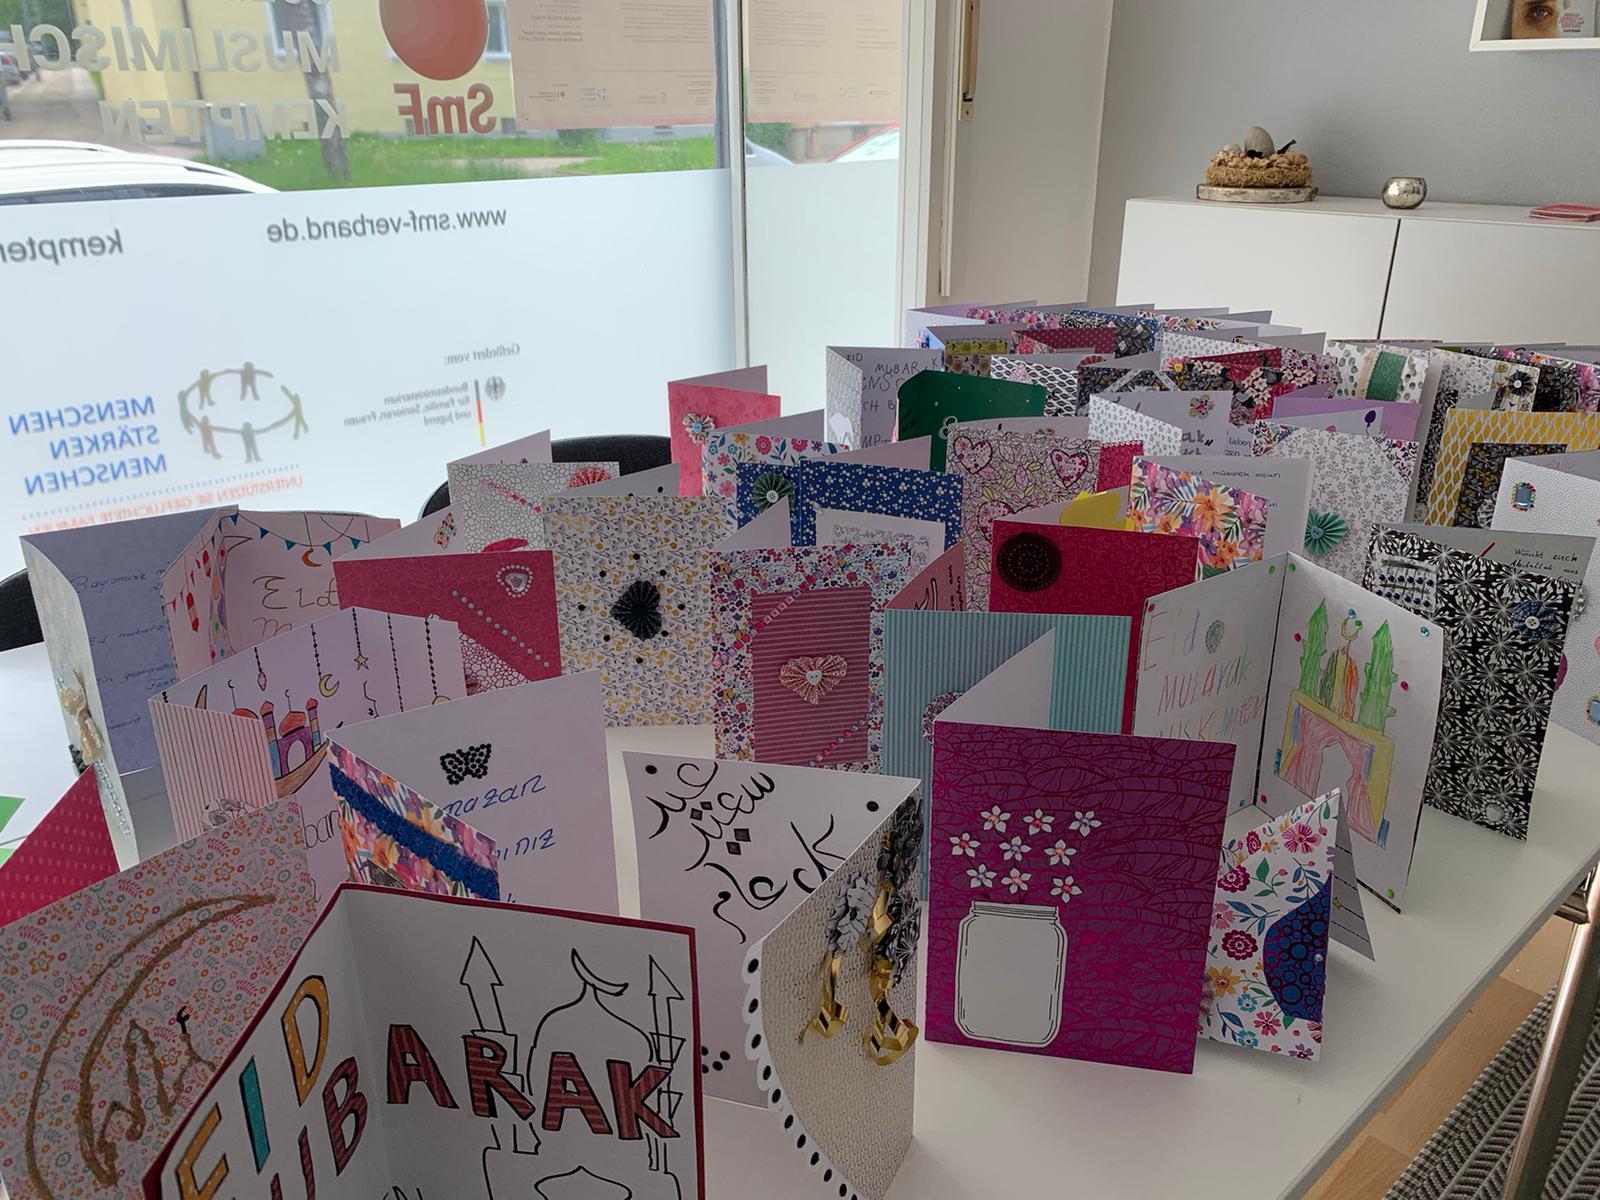 Analog, digital- Postalisch!     Jugendliche in Kempten verschicken Fest- Wunschkarten für Senioren